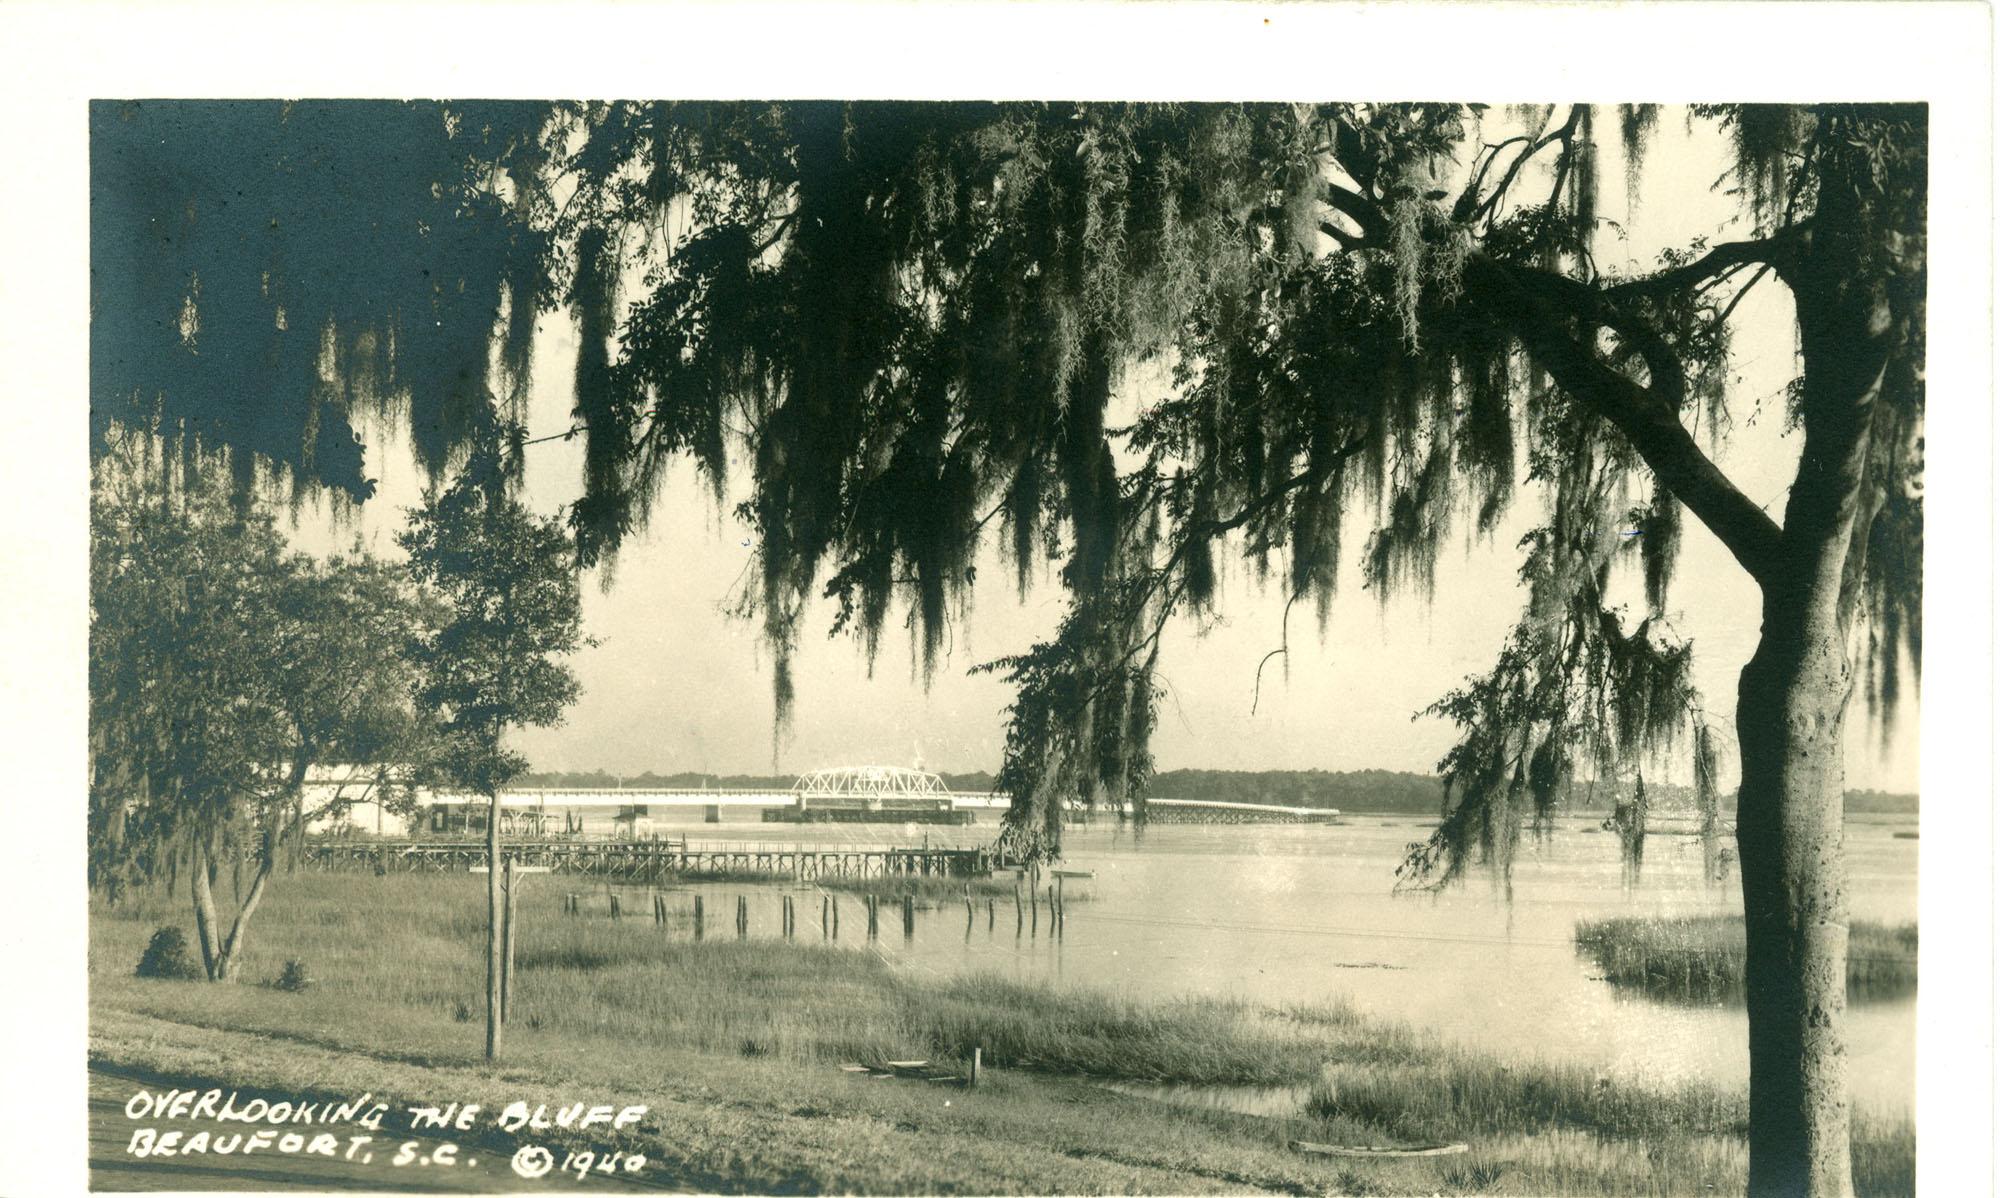 Overlooking the Bluff, Beaufort S.C.